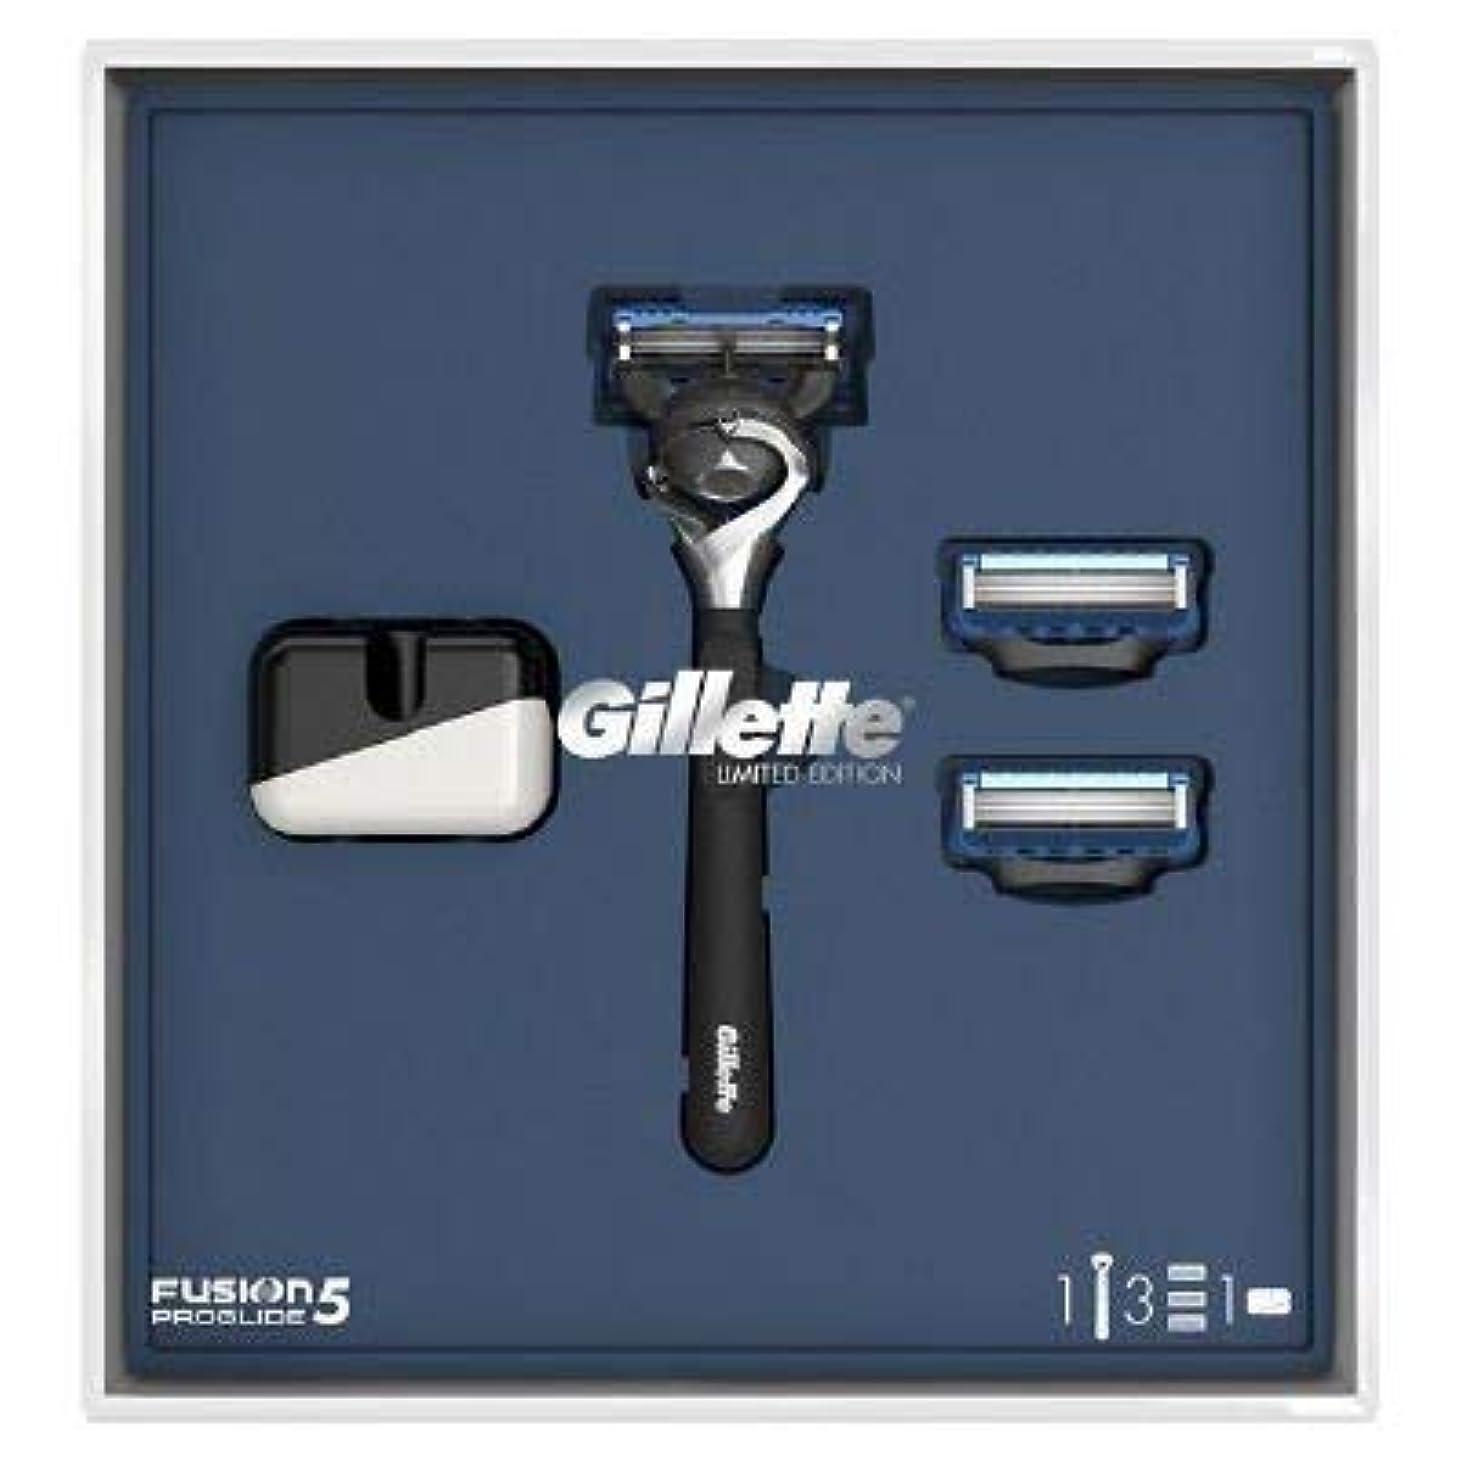 補助金髄単に(ジレット)Gilette プログライド 髭剃り本体+替刃3個 オリジナルスタンド付き スペシャルパッケージ P&G